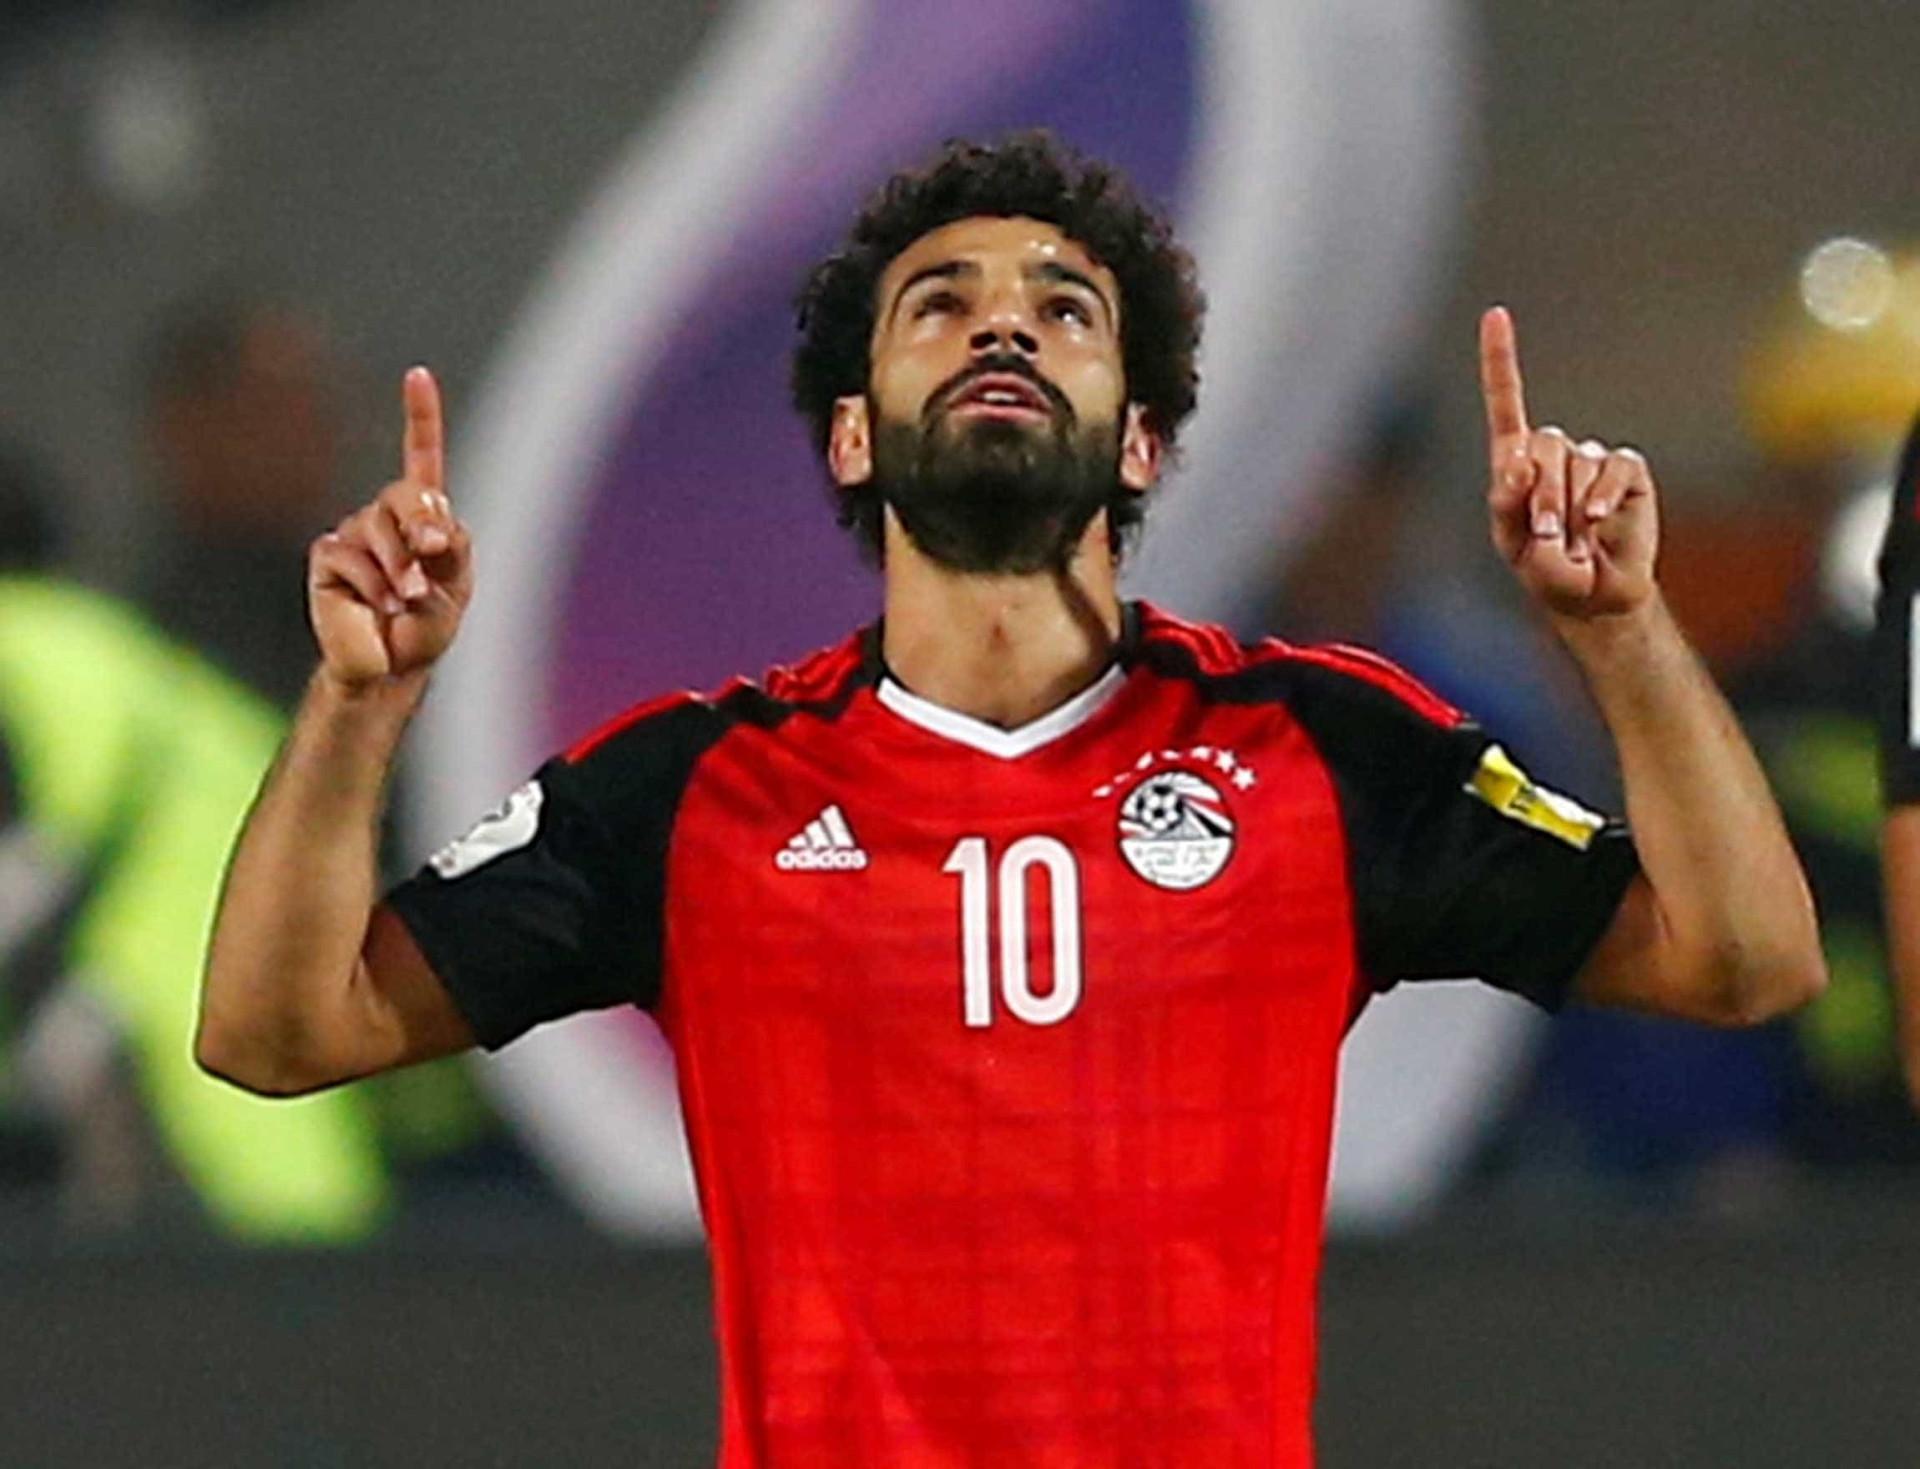 Veja os craques vão que jogar a Copa do Mundo da Rússia 2018